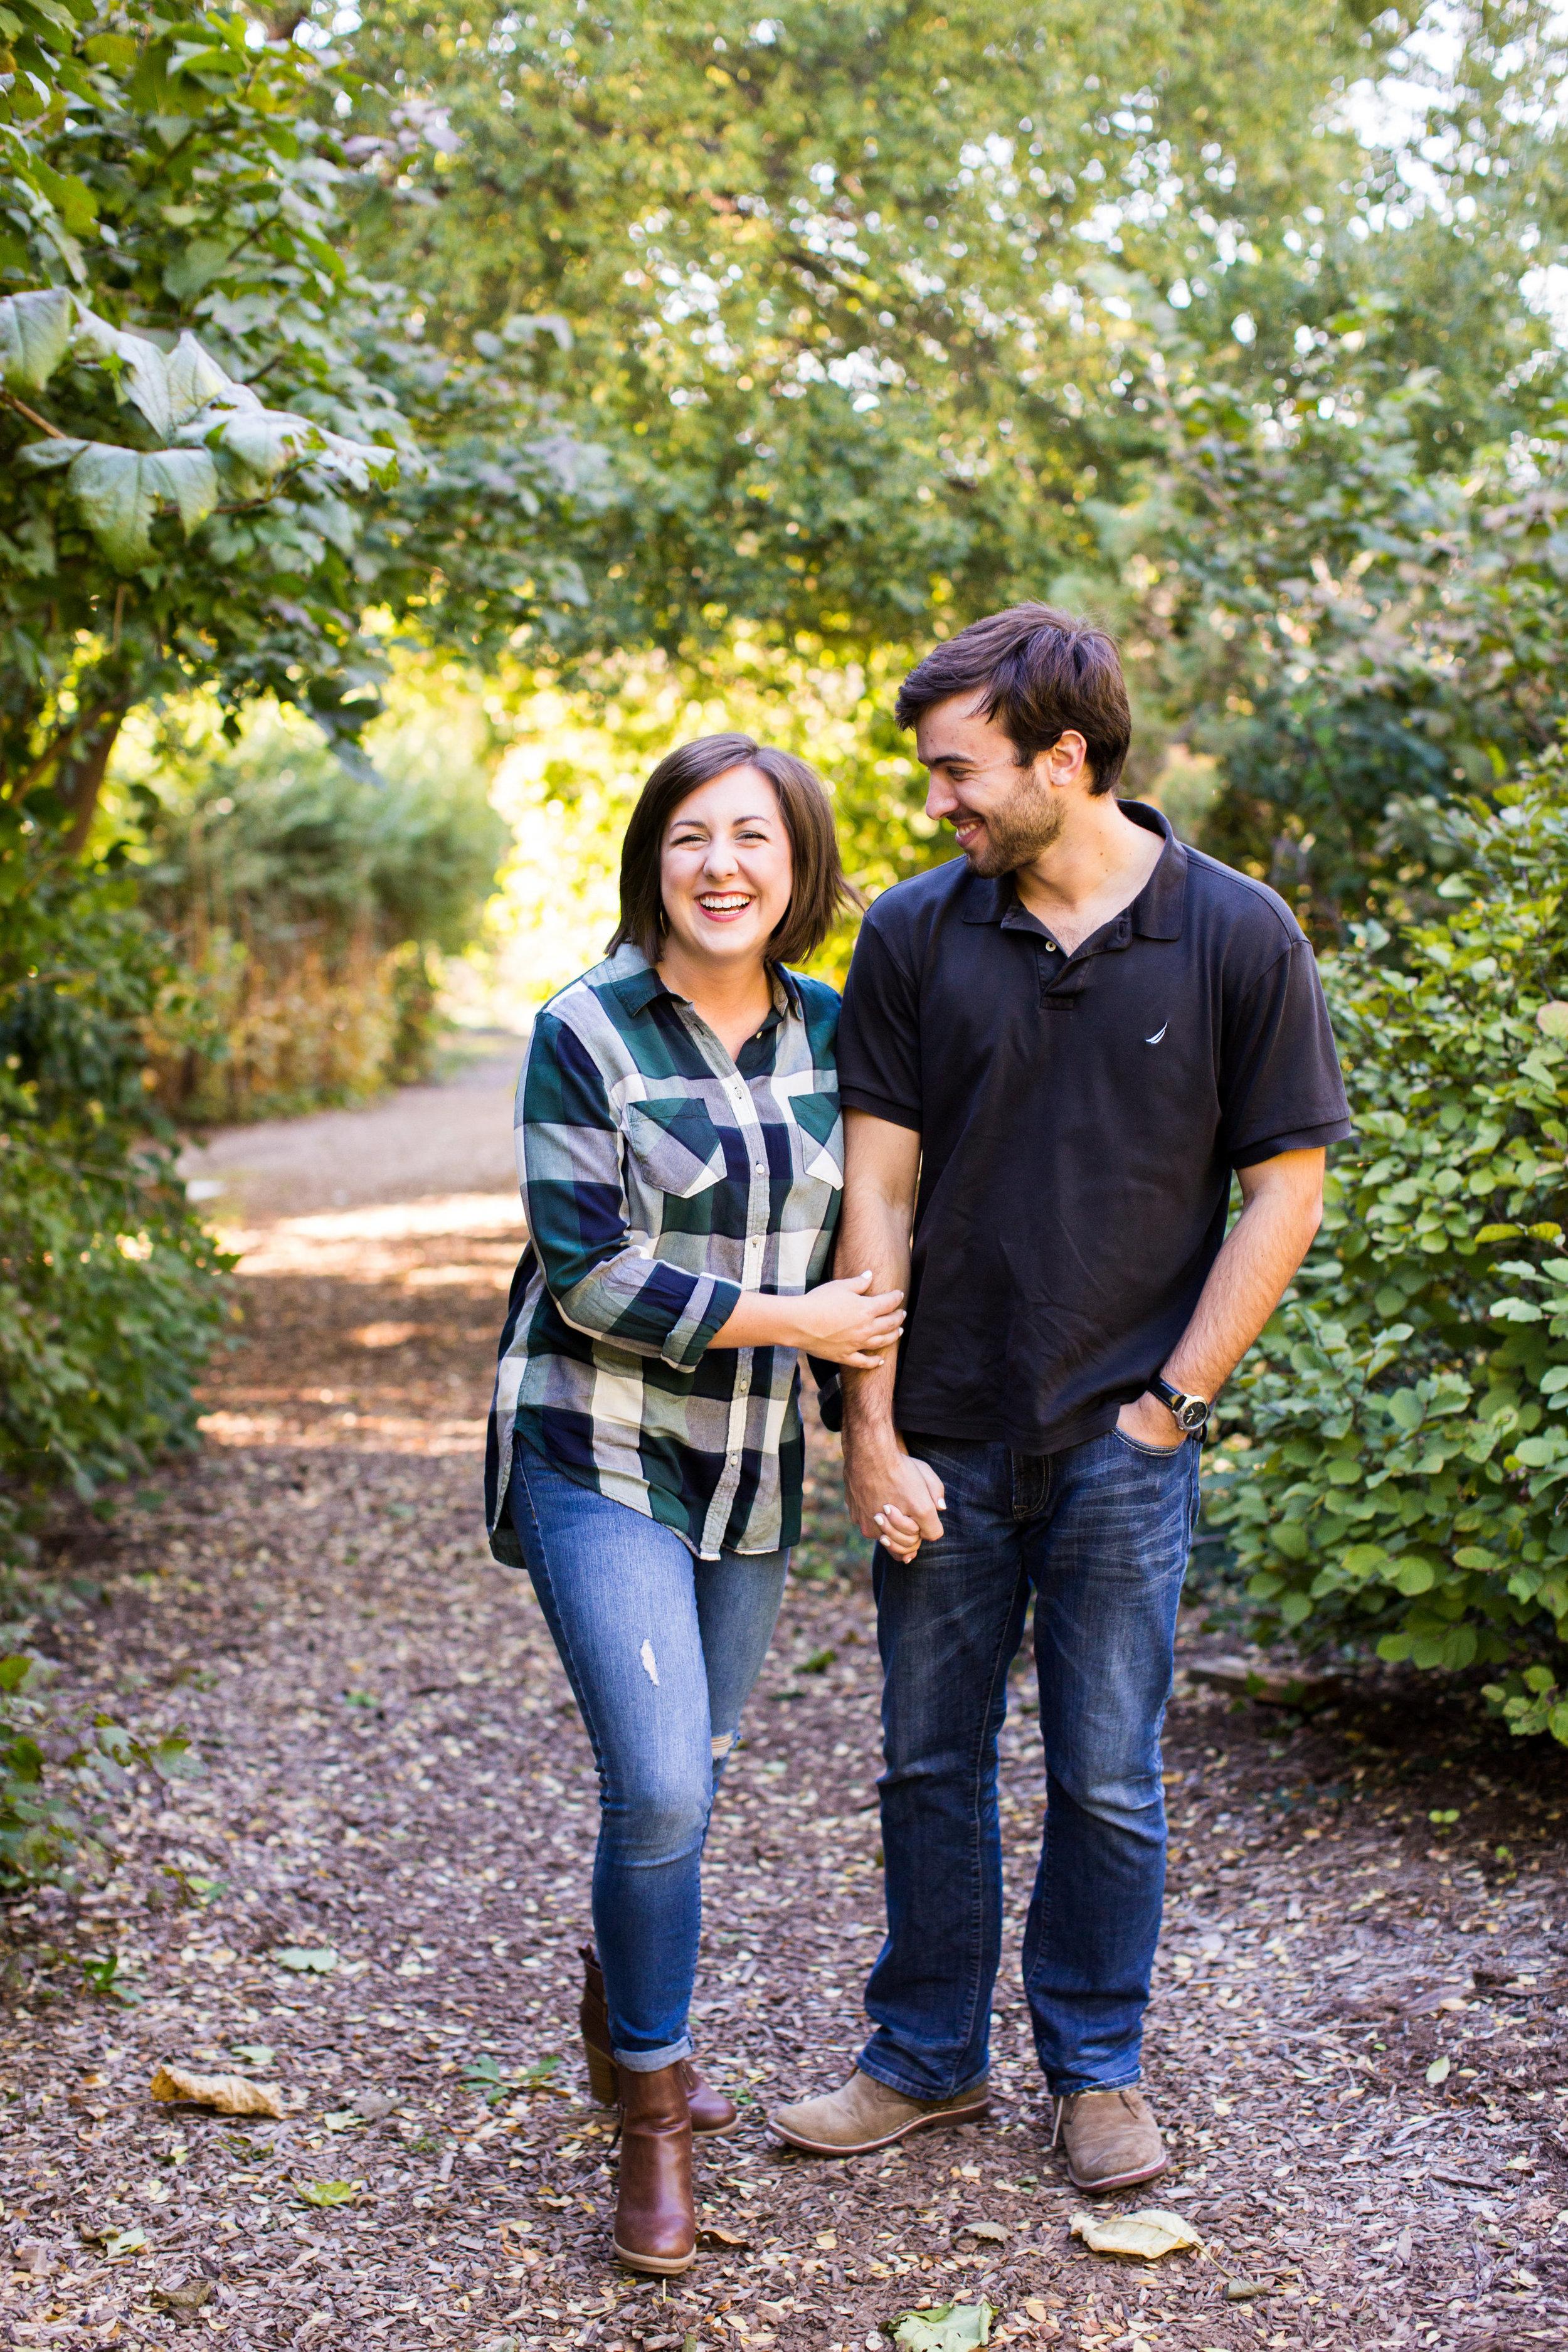 KaitlynBeckerPhotography_Portraitfamilyphotographer2.jpg